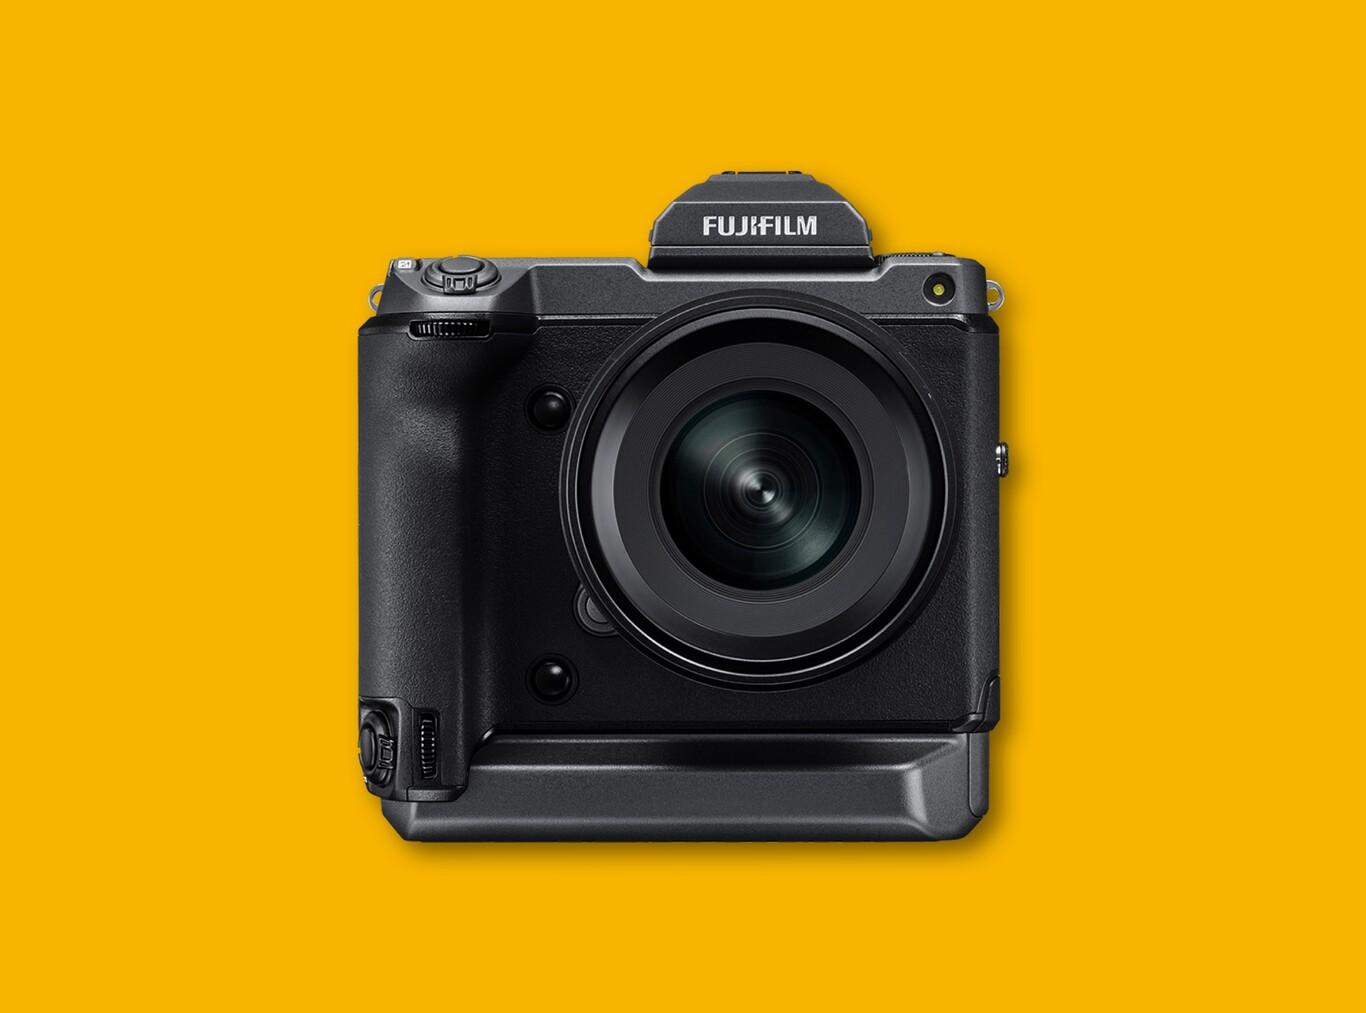 Fujifilm, con una actualización de firmware, ha hecho que su cámara pase de tener 102 MP a tomar fotografías a 400 MP